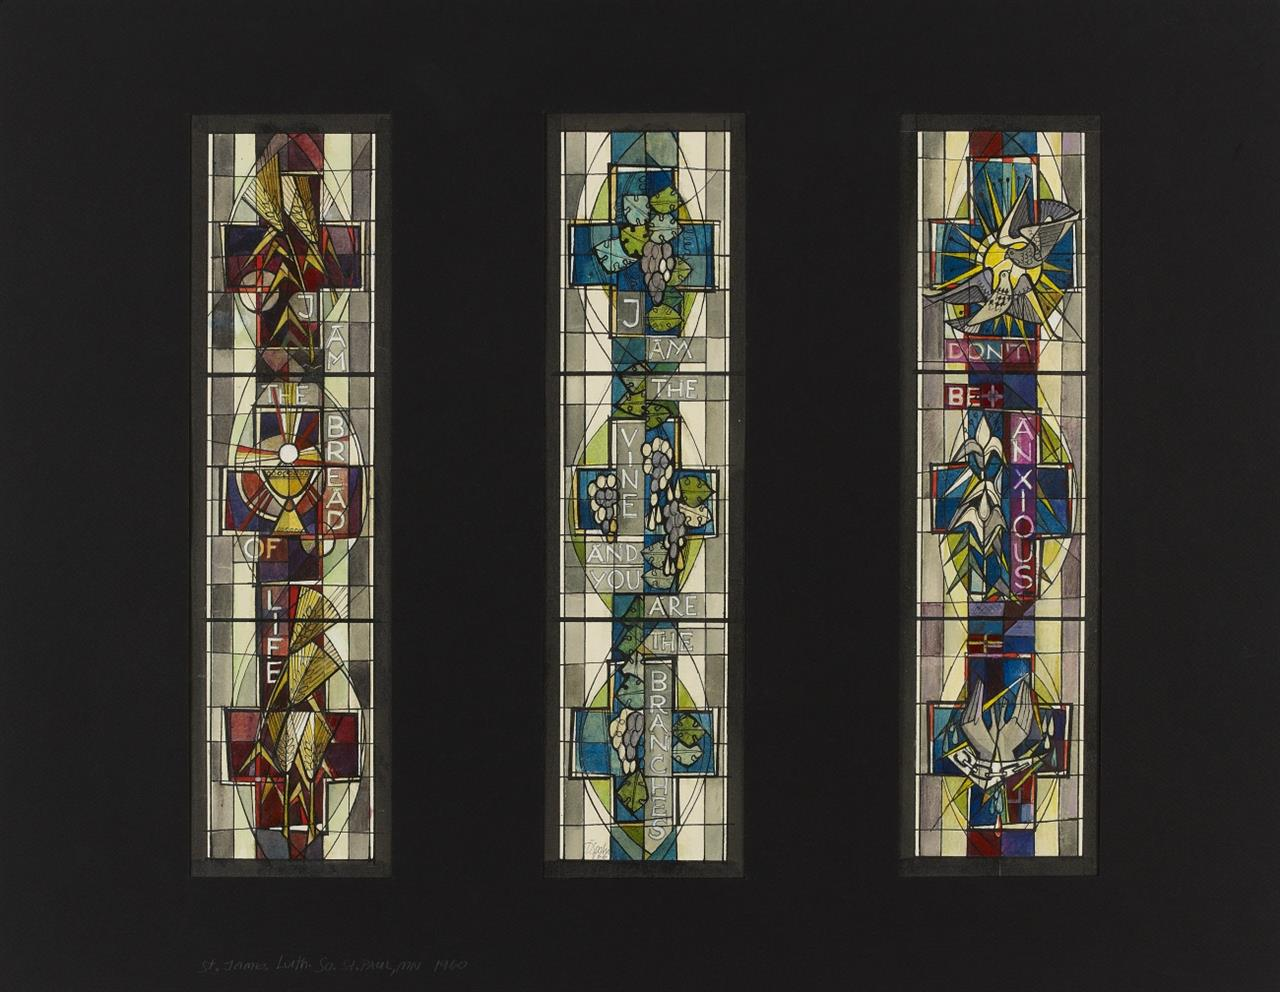 Victor Bonato. Für Peter Dohmen. St. James Lutheran Church, St. Paul MN. 1966. 3 Bl. Glasfensterentwürfe. Aquarell und Tusche. Signiert. (DSC04004)